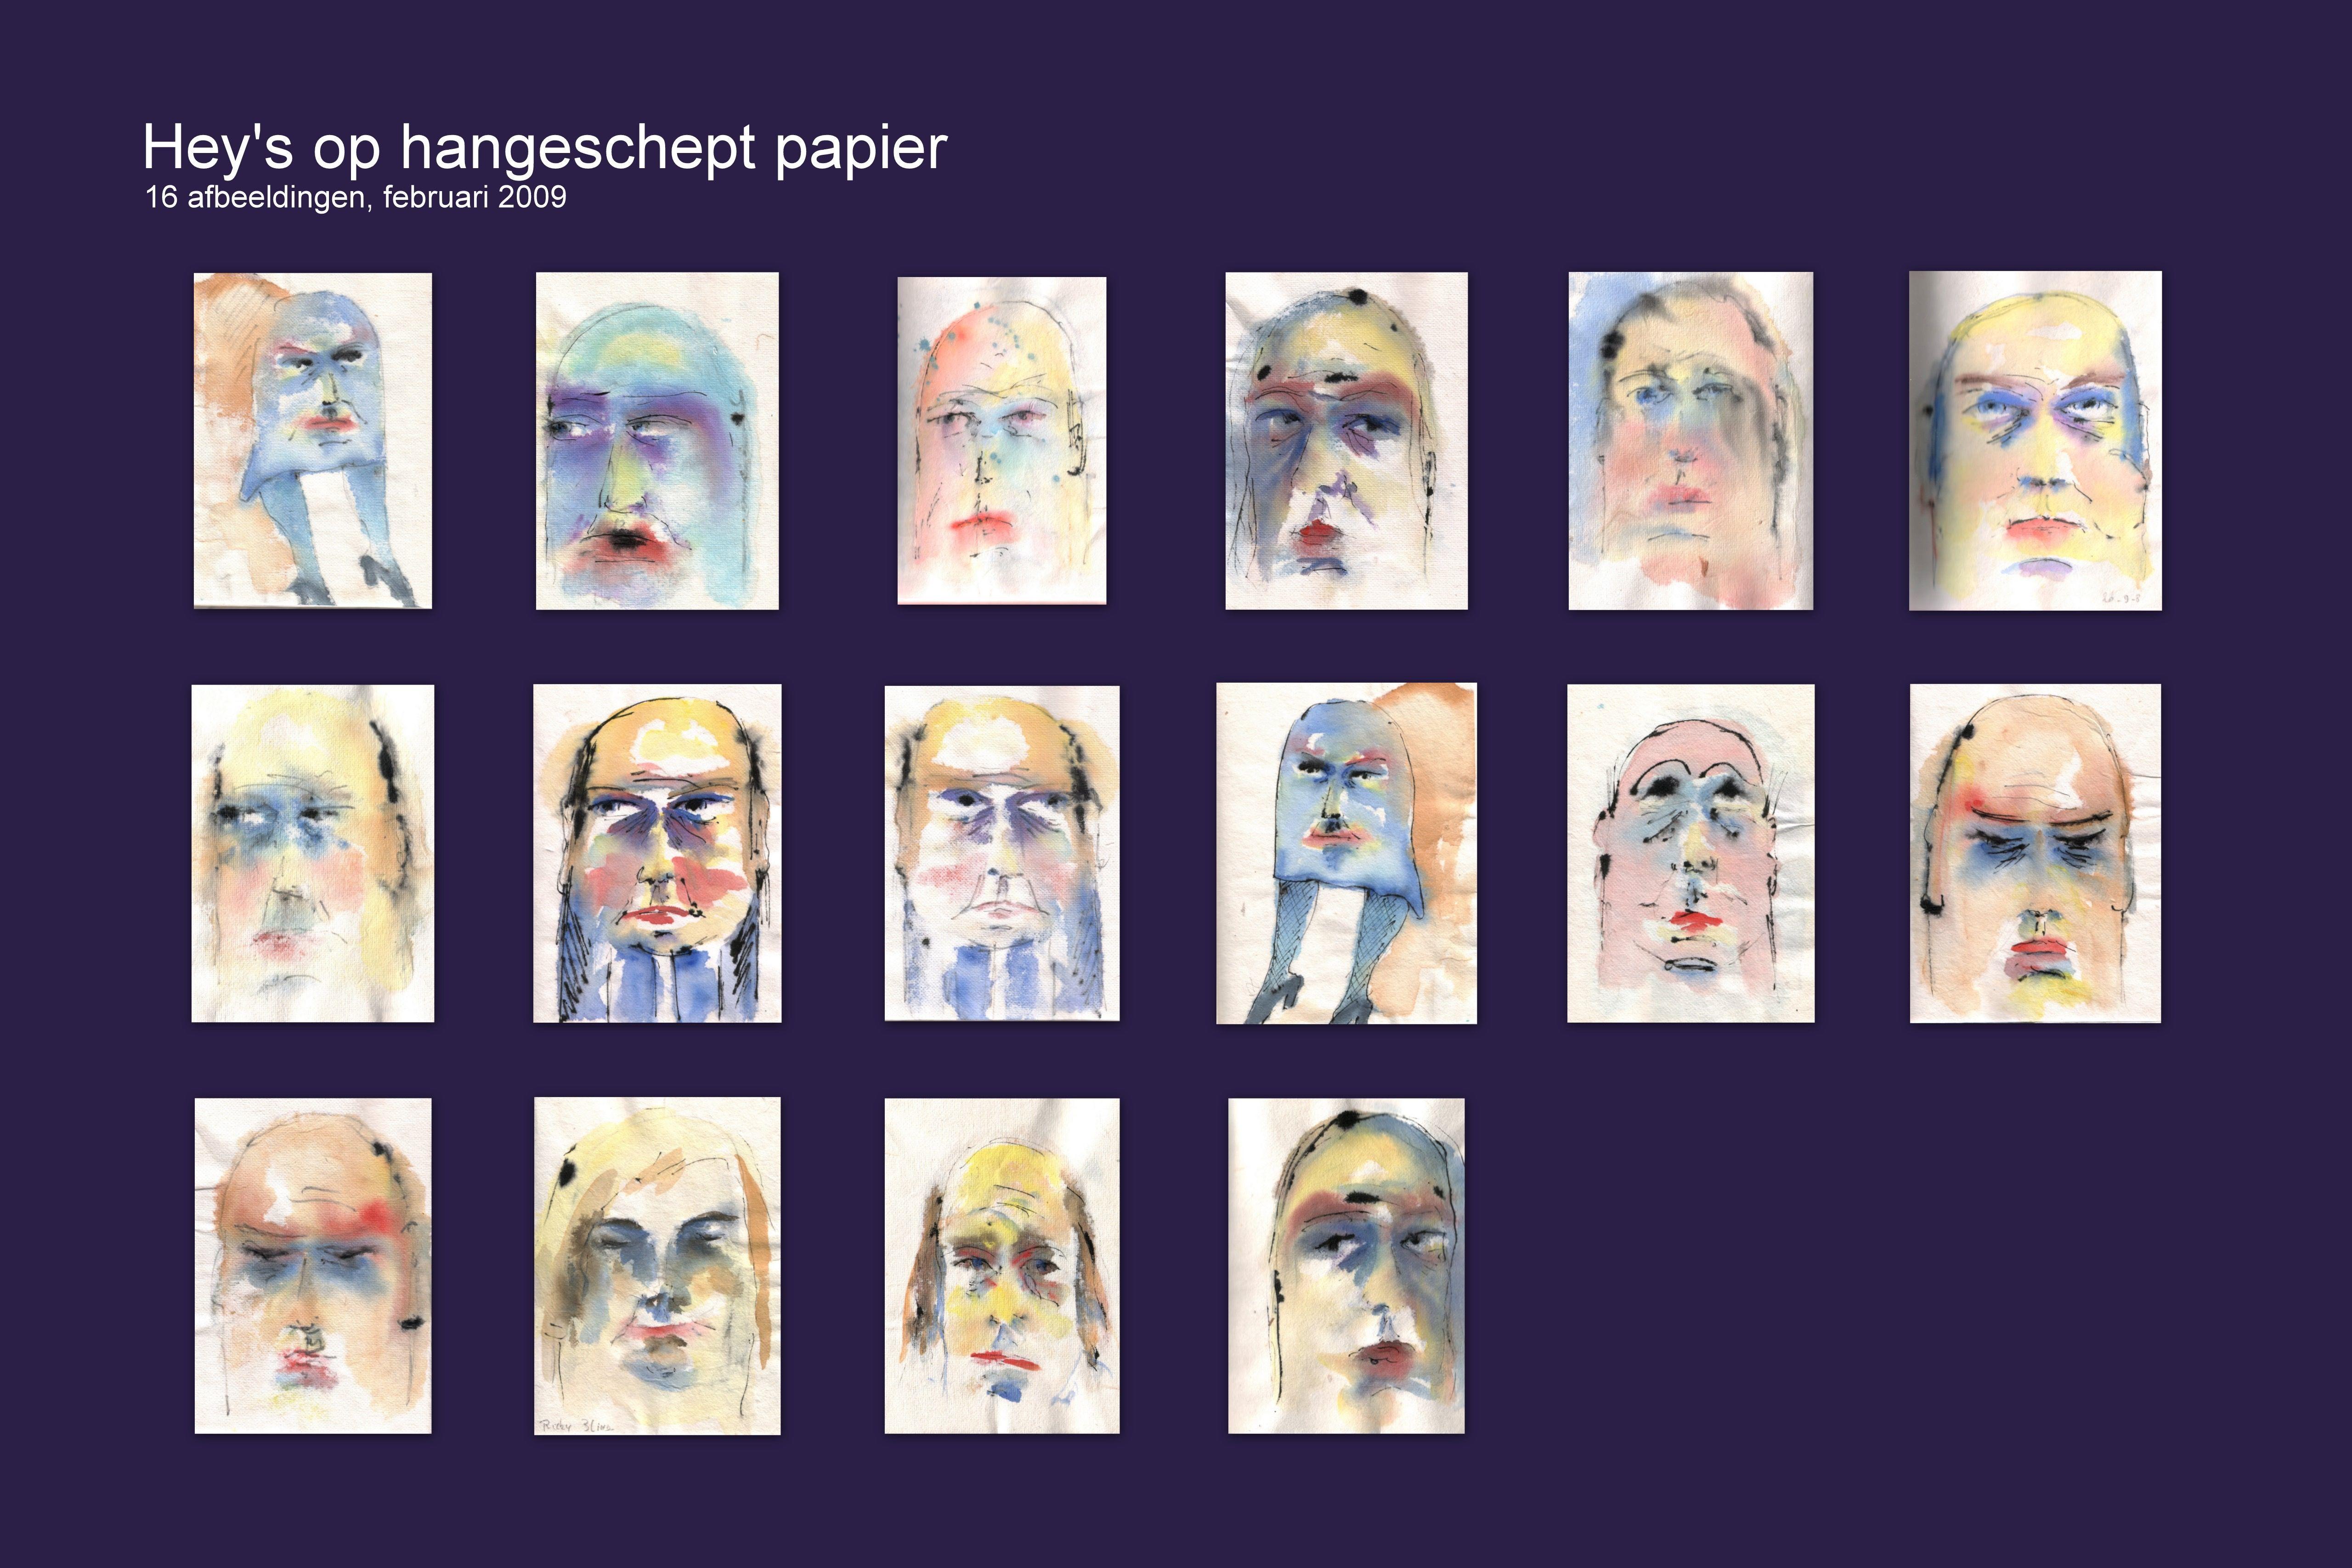 Hey aquarellen op handgeschept papier